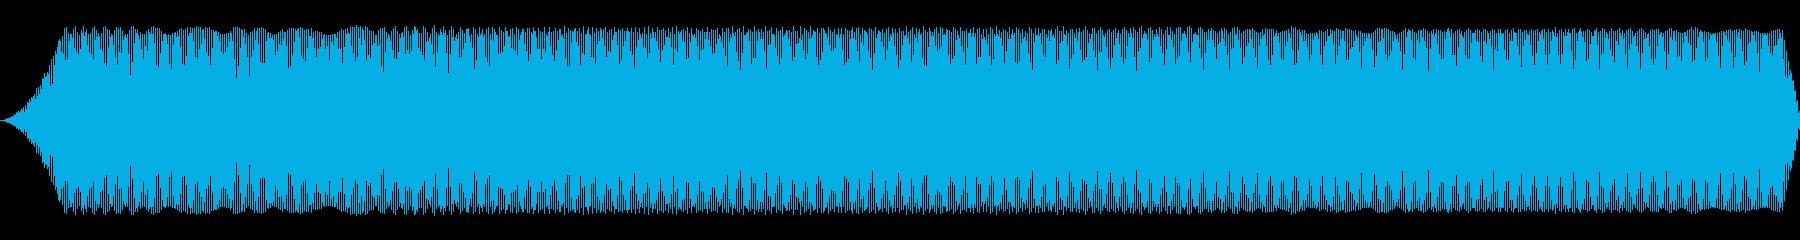 宇宙ラジオウィニングキャット短波探索の再生済みの波形